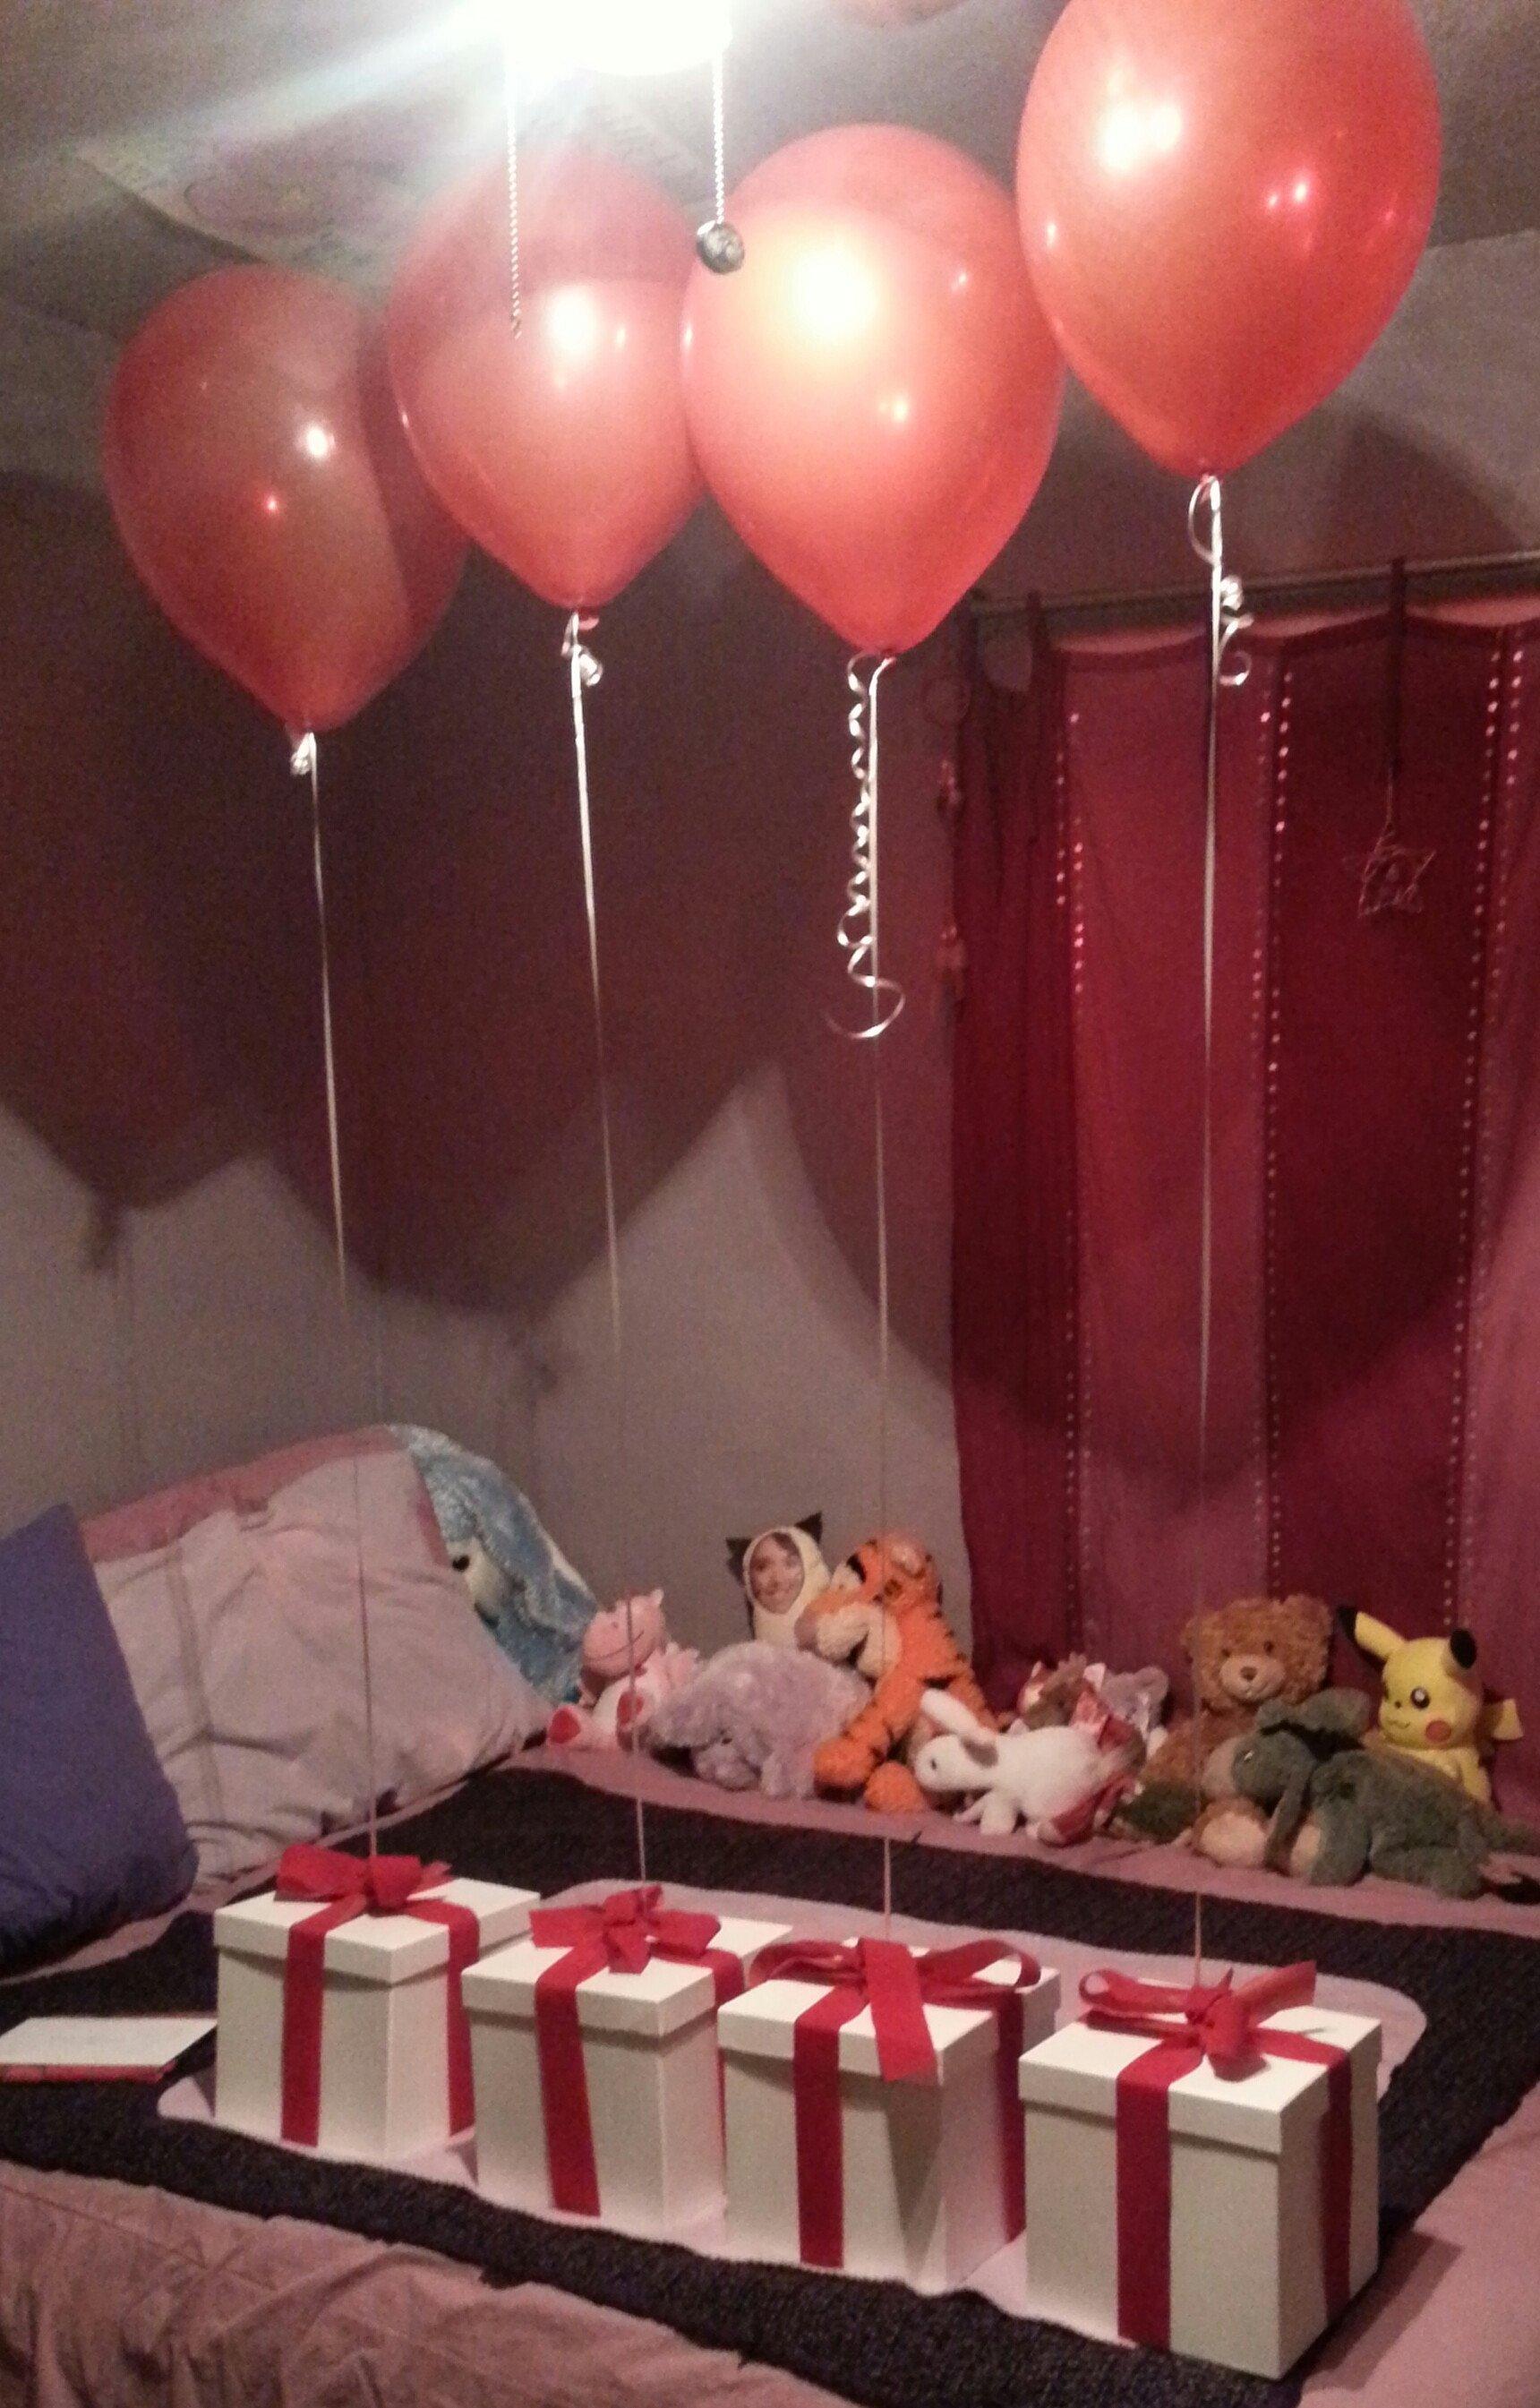 10 Stunning Birthday Ideas For My Boyfriend gift ideas for boyfriend great birthday gift ideas for my boyfriend 1 2021